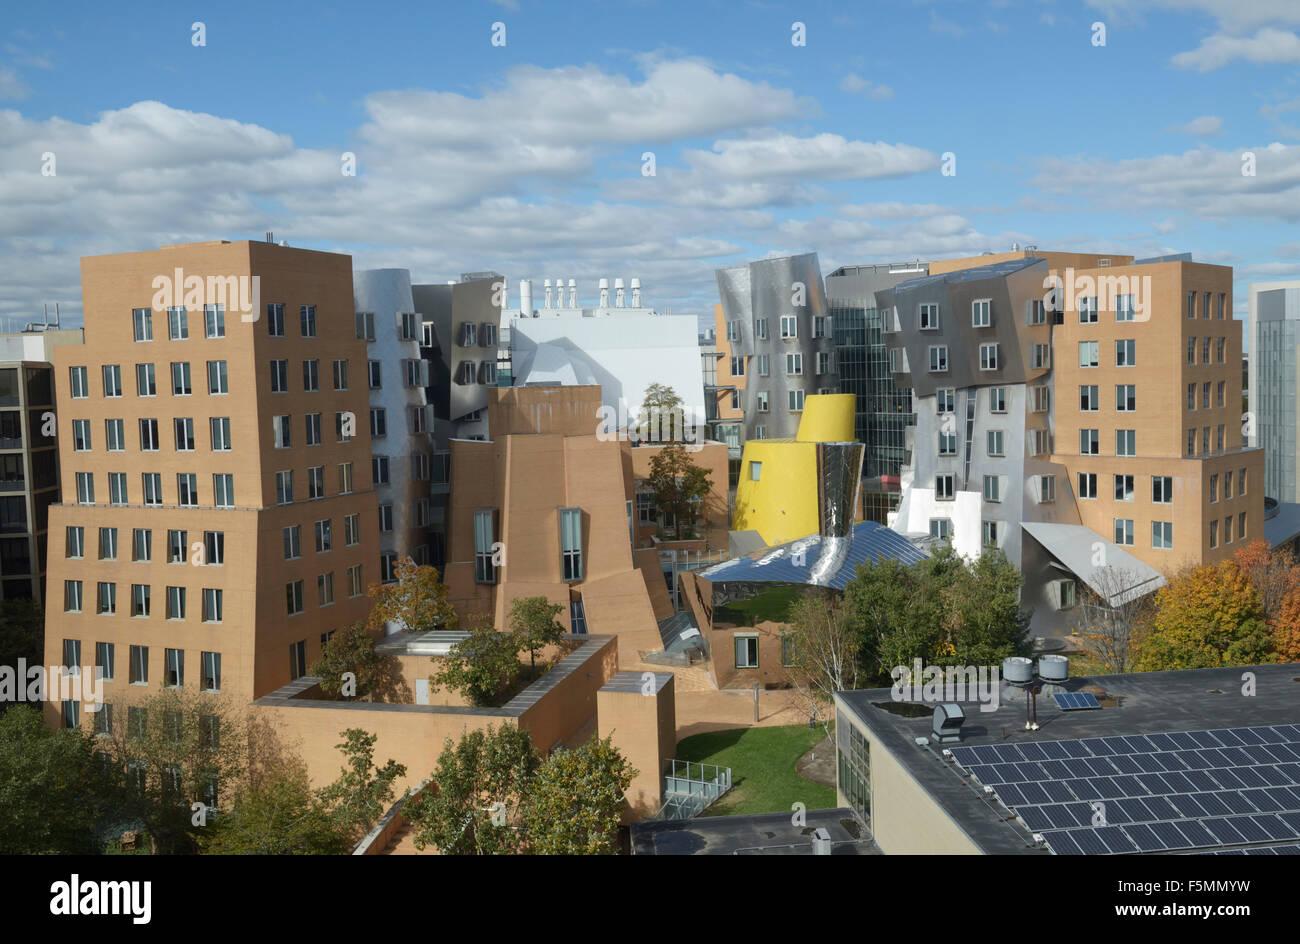 Ray e Maria stata Center building, sul campus del MIT. Progettato da Frank Gehry. Architettura Deconstructivist Immagini Stock